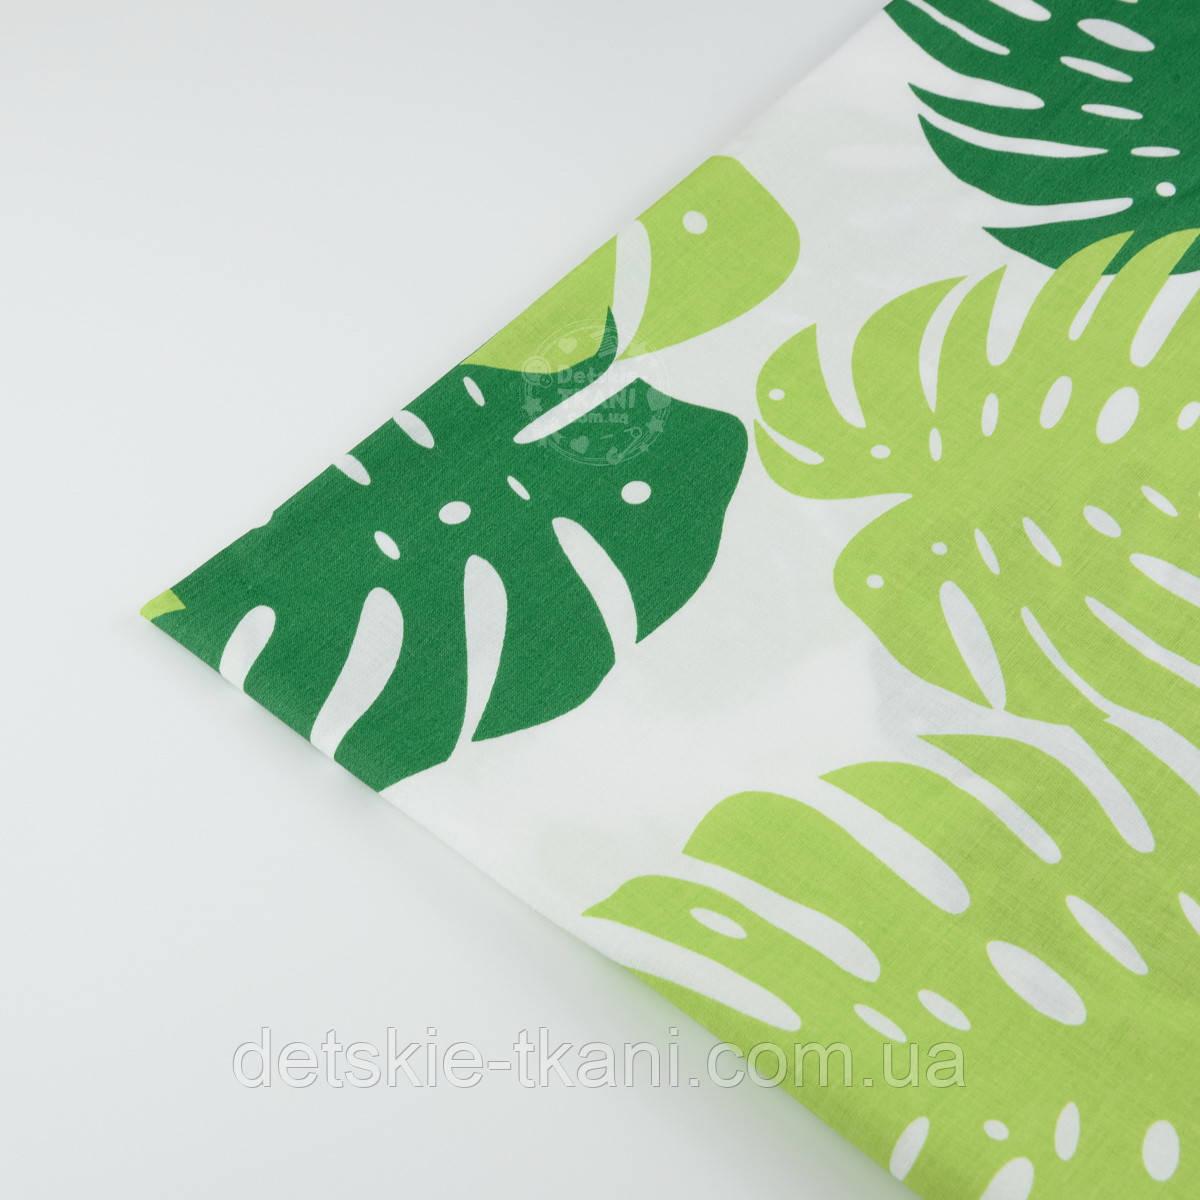 """Лоскут ткани """"Большие листья монстеры"""" светлые и тёмно-зелёные на белом №1337а, размер 74*100 см"""